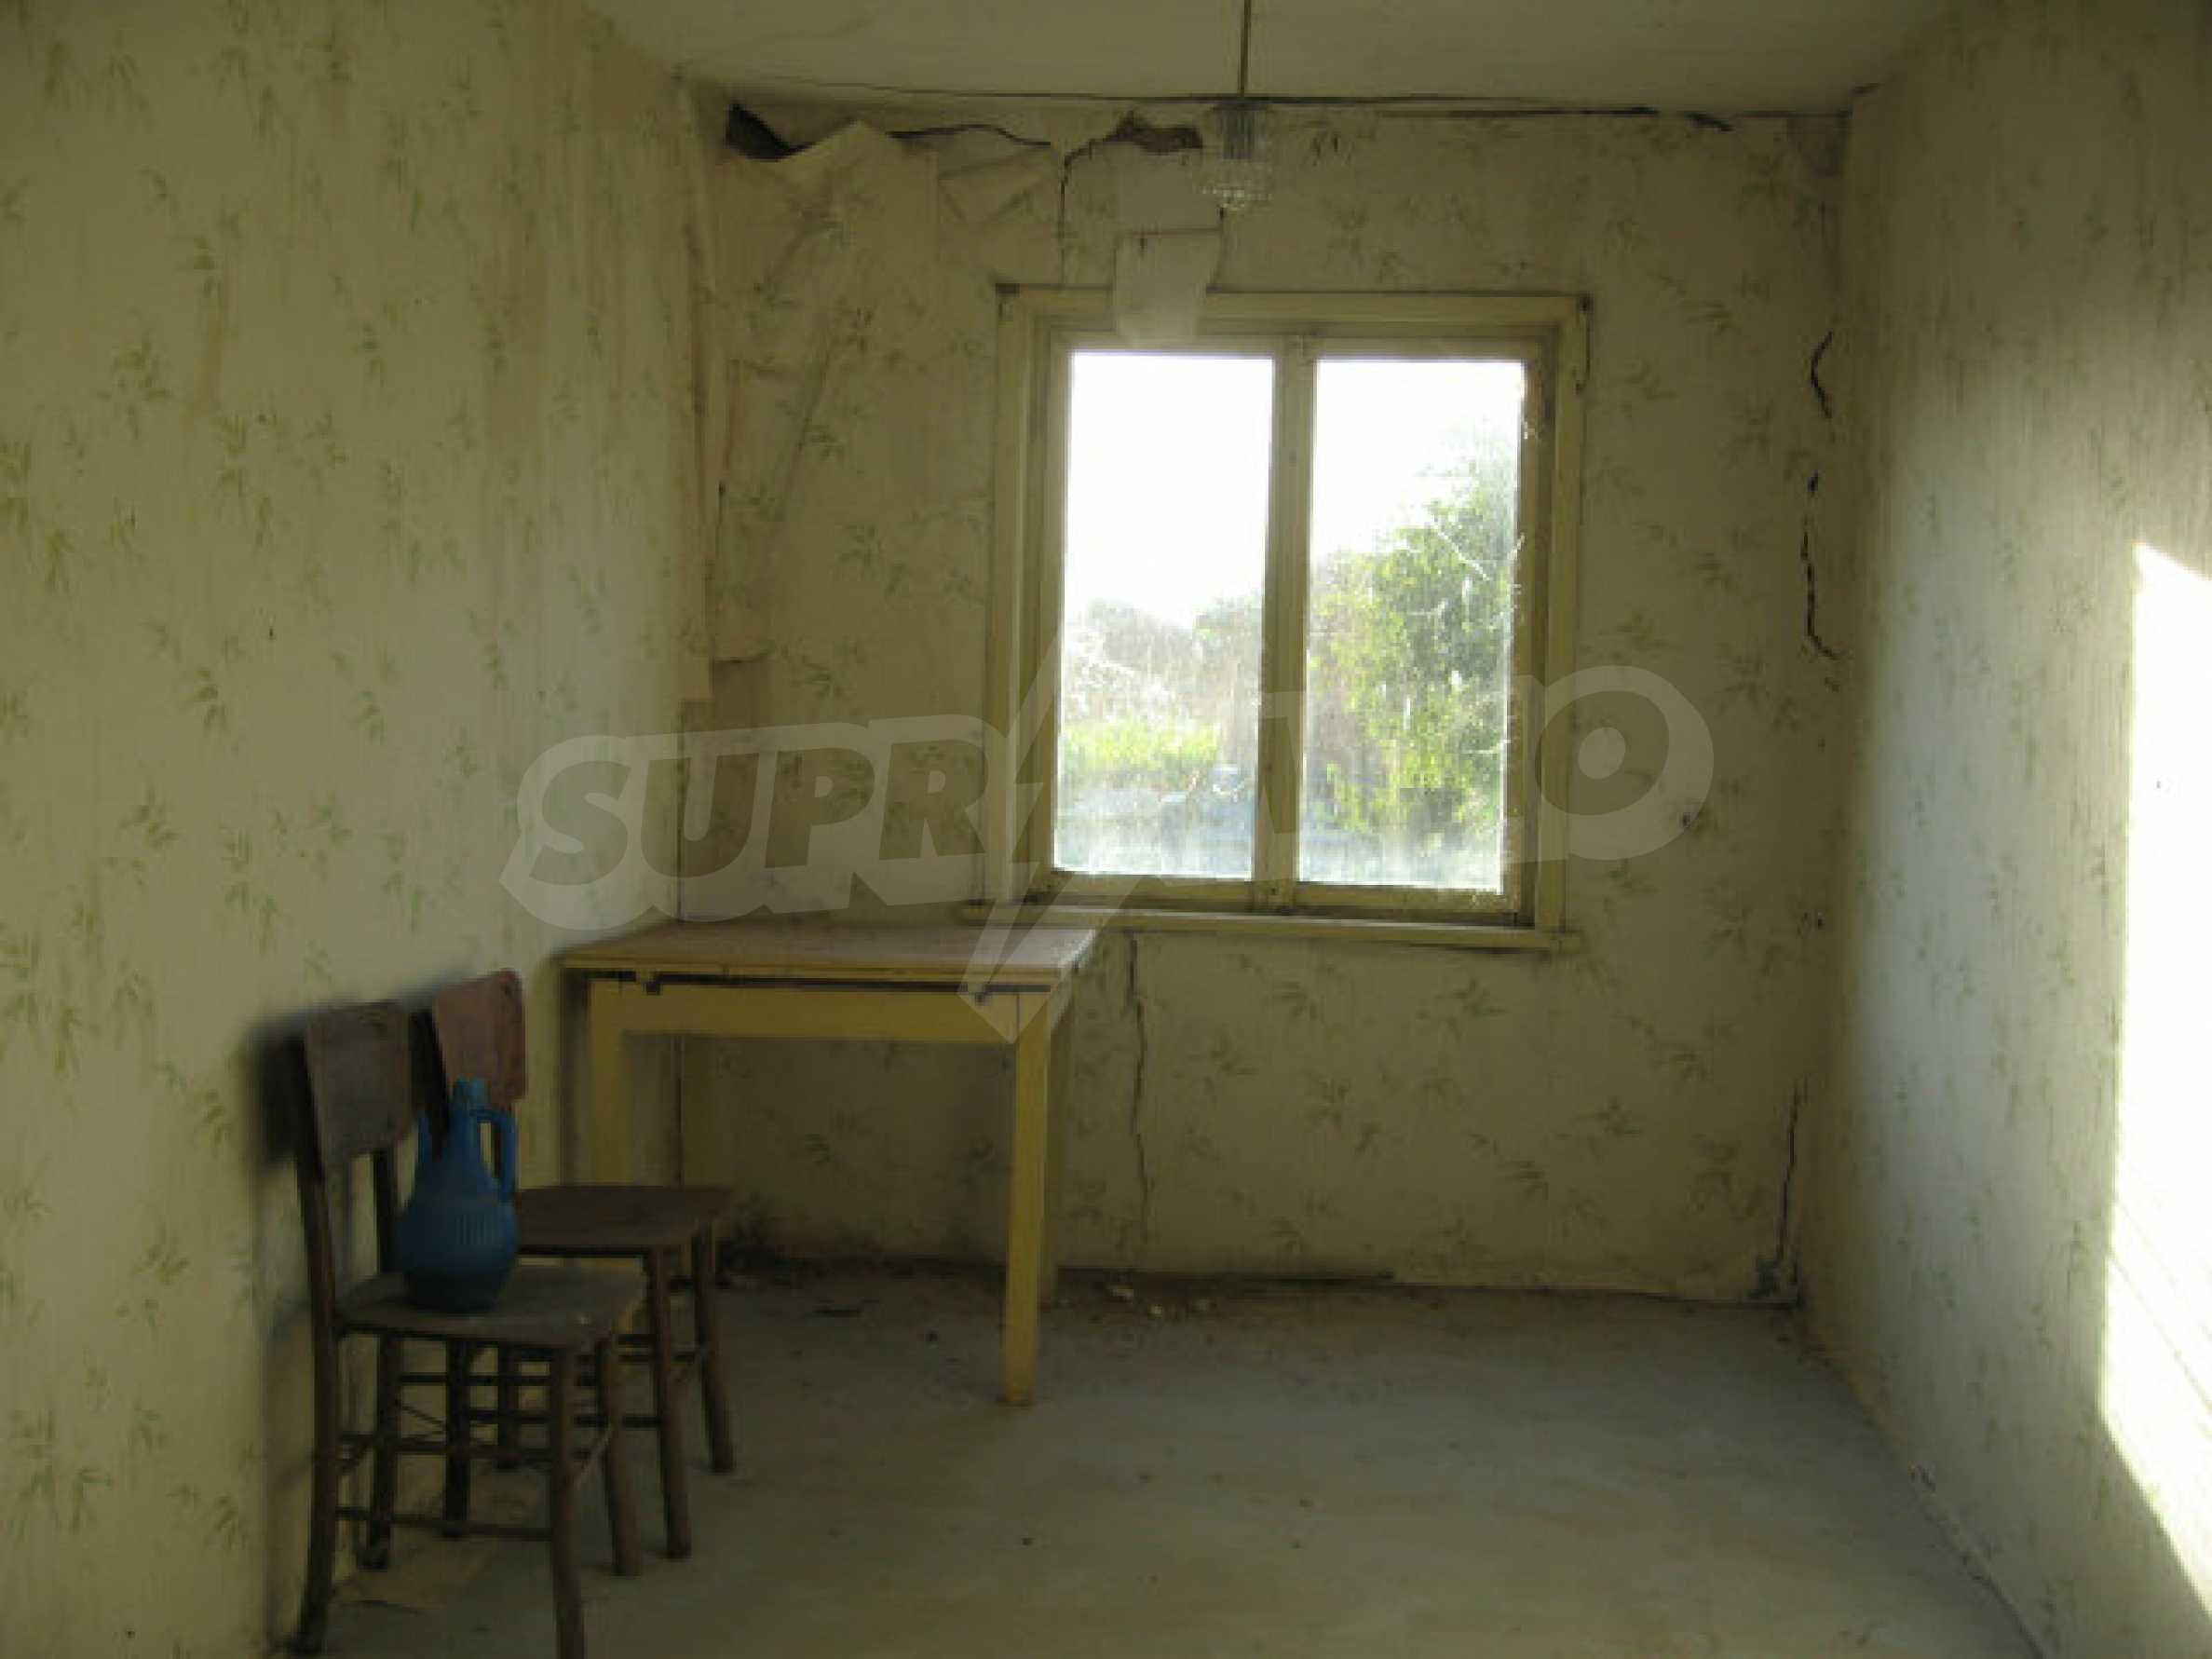 Sonniges zweistöckiges Haus in einem kleinen Dorf in der Nähe der Flüsse Tundzha und Elhovo 10